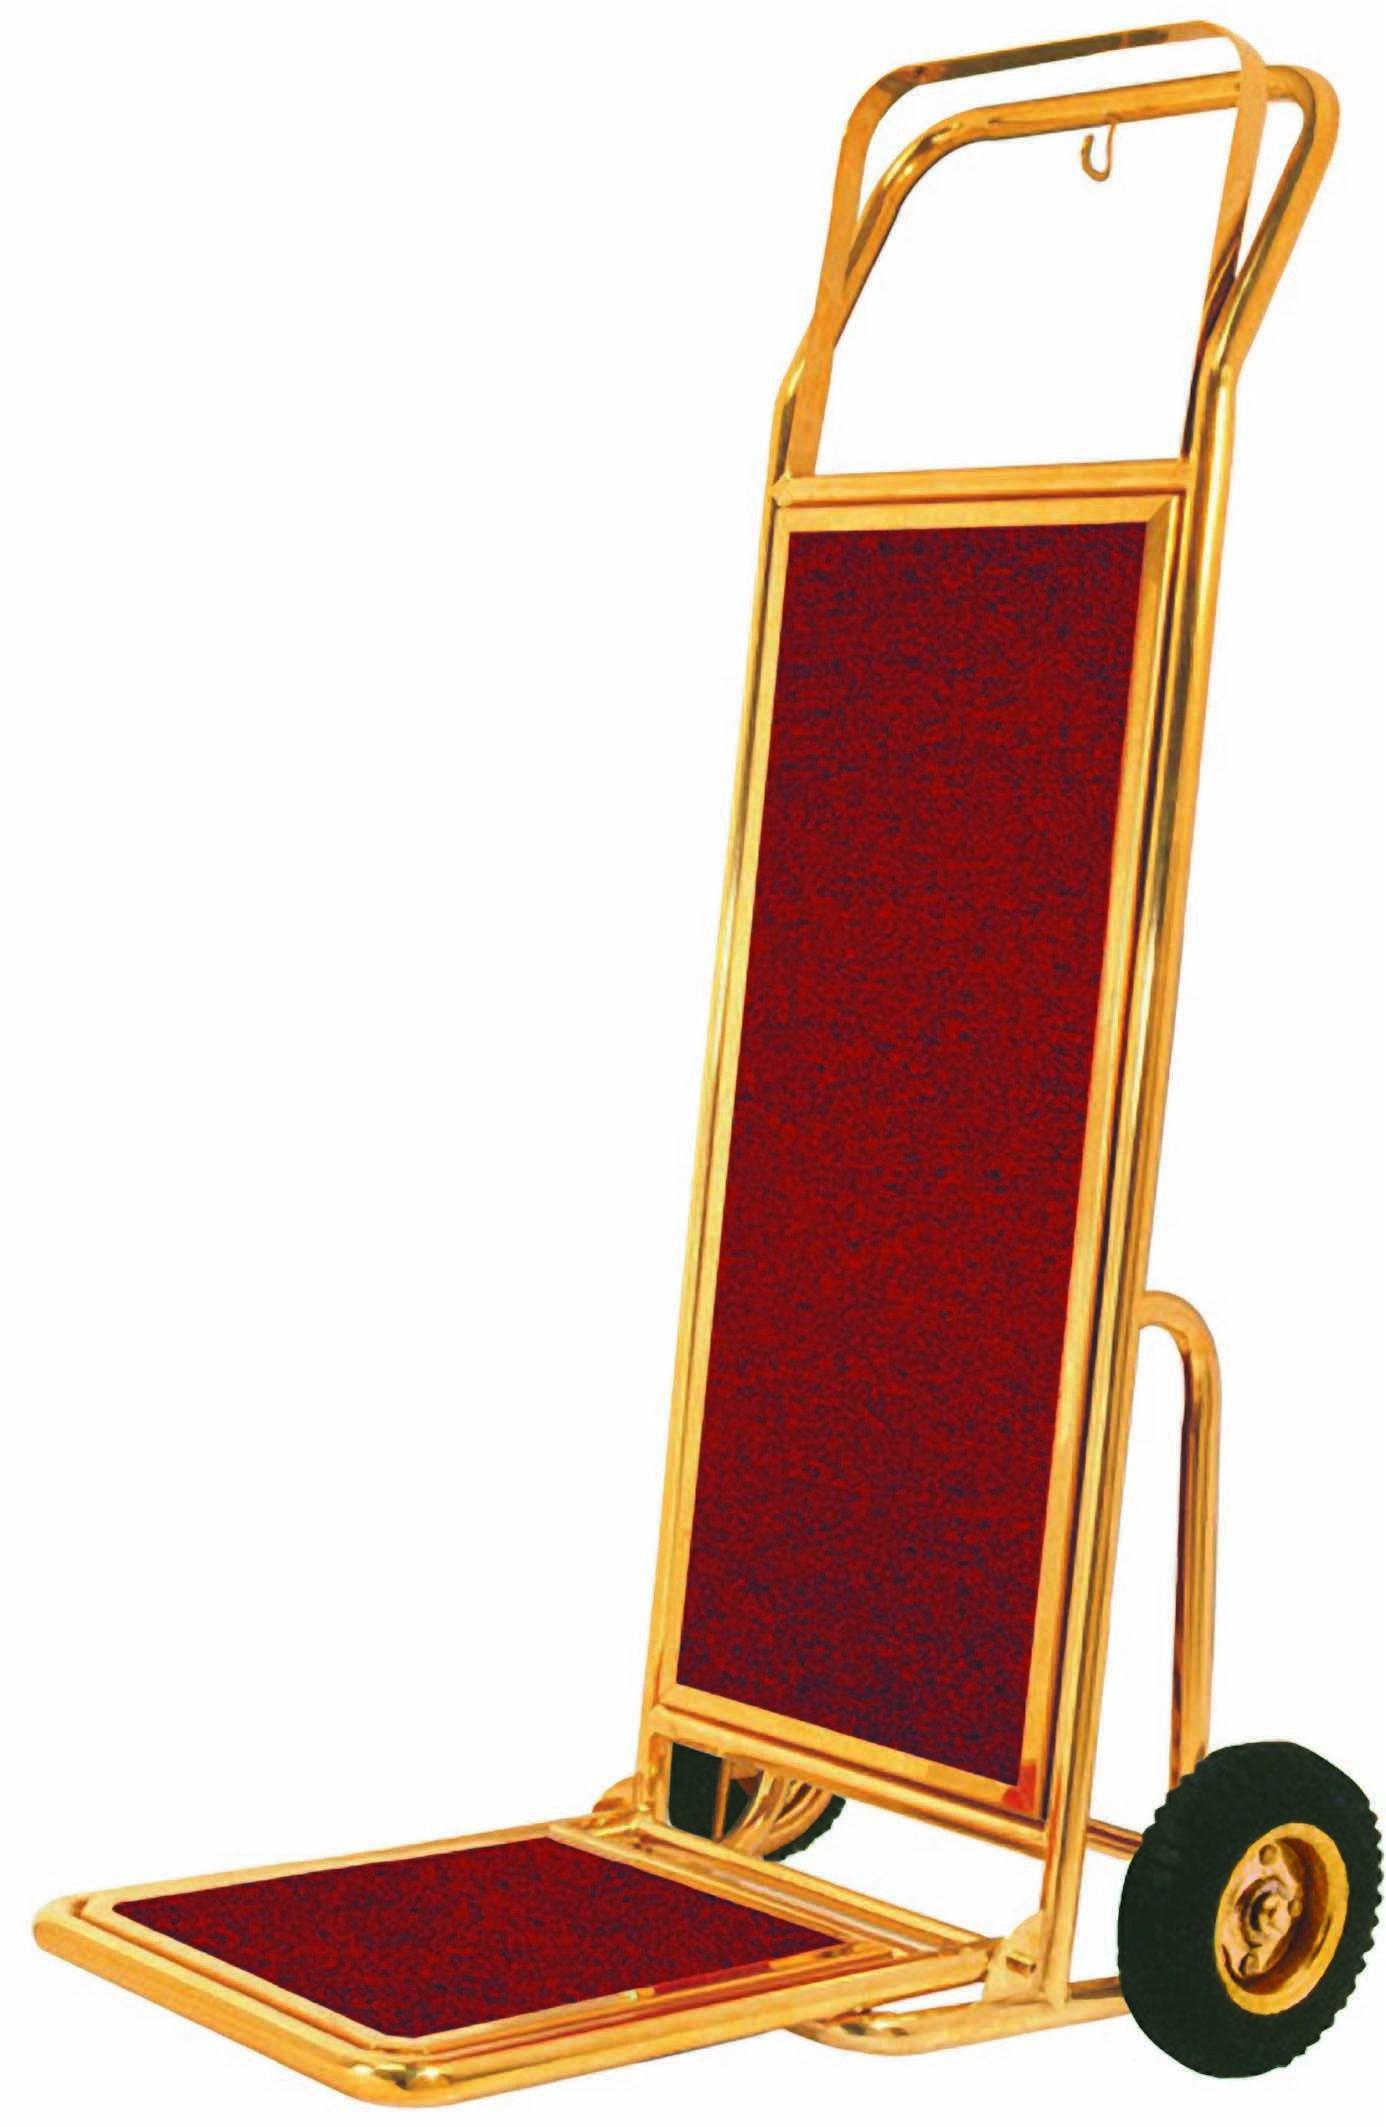 Brass Luggage Handtruck